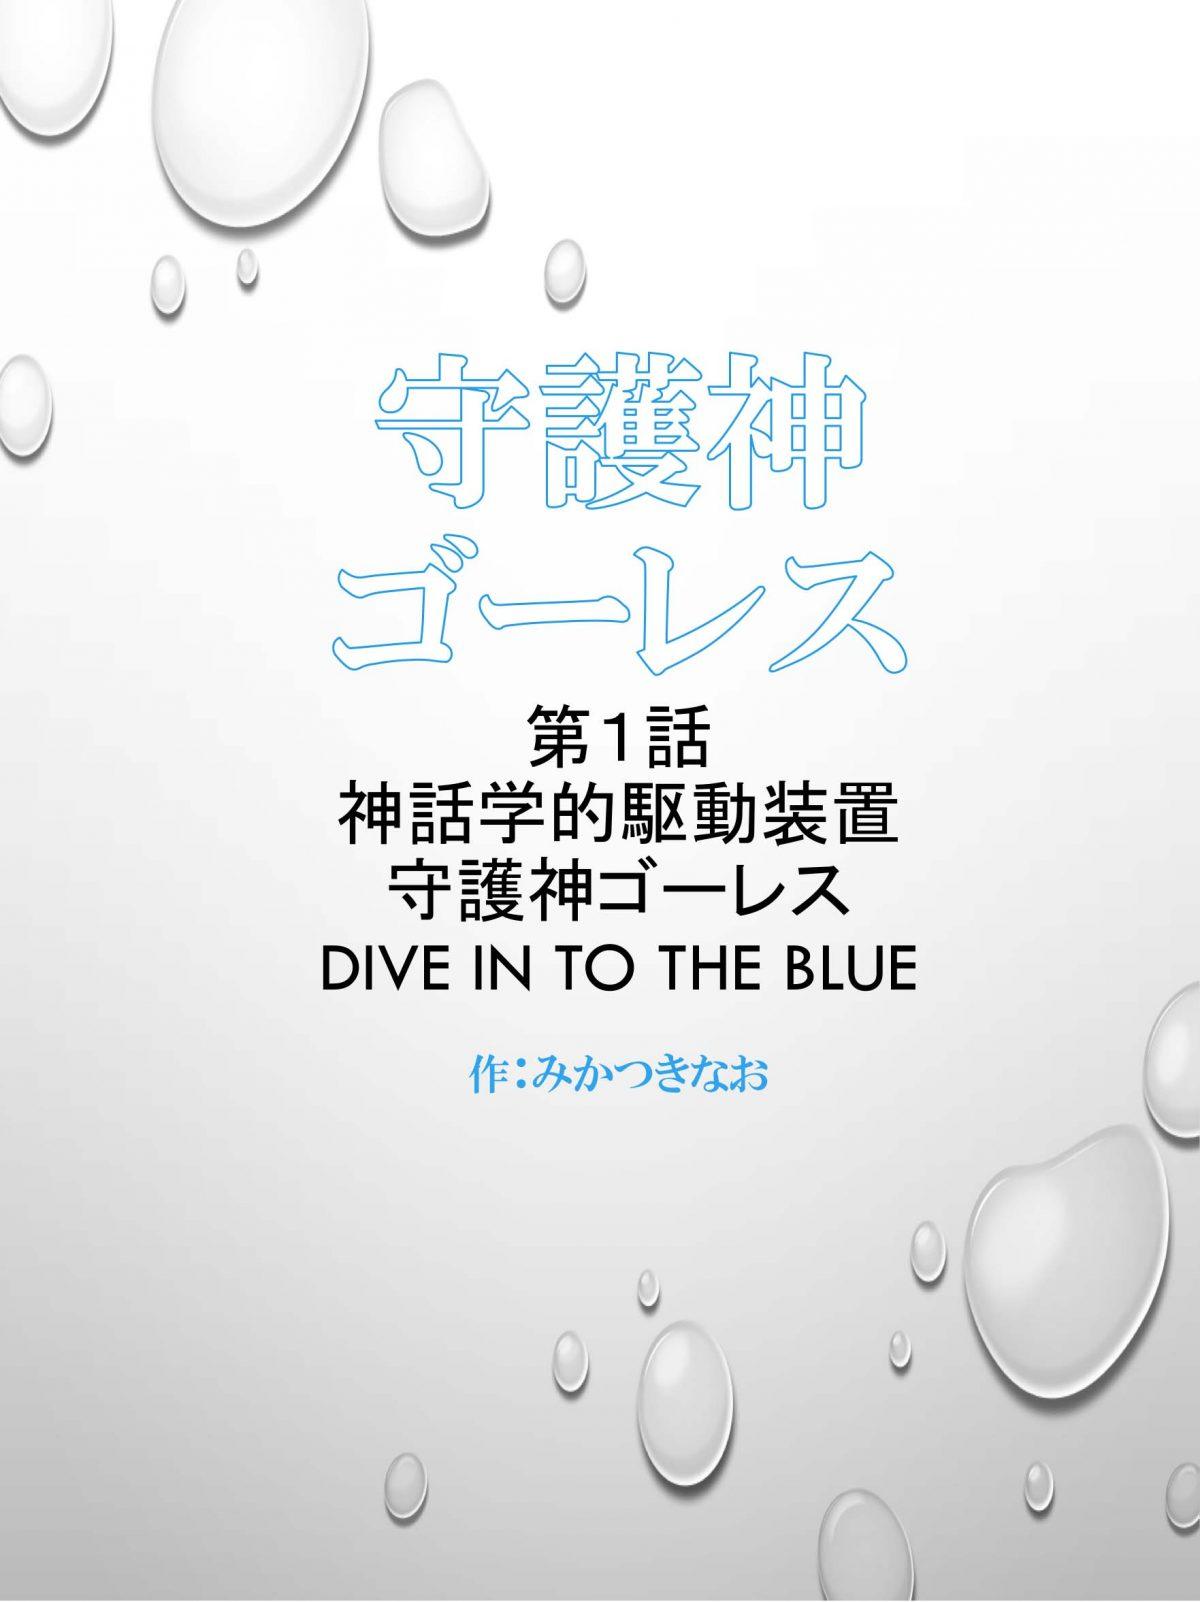 守護神ゴーレス  第1話  神話学的駆動装置 守護神ゴーレス Dive in to the Blue